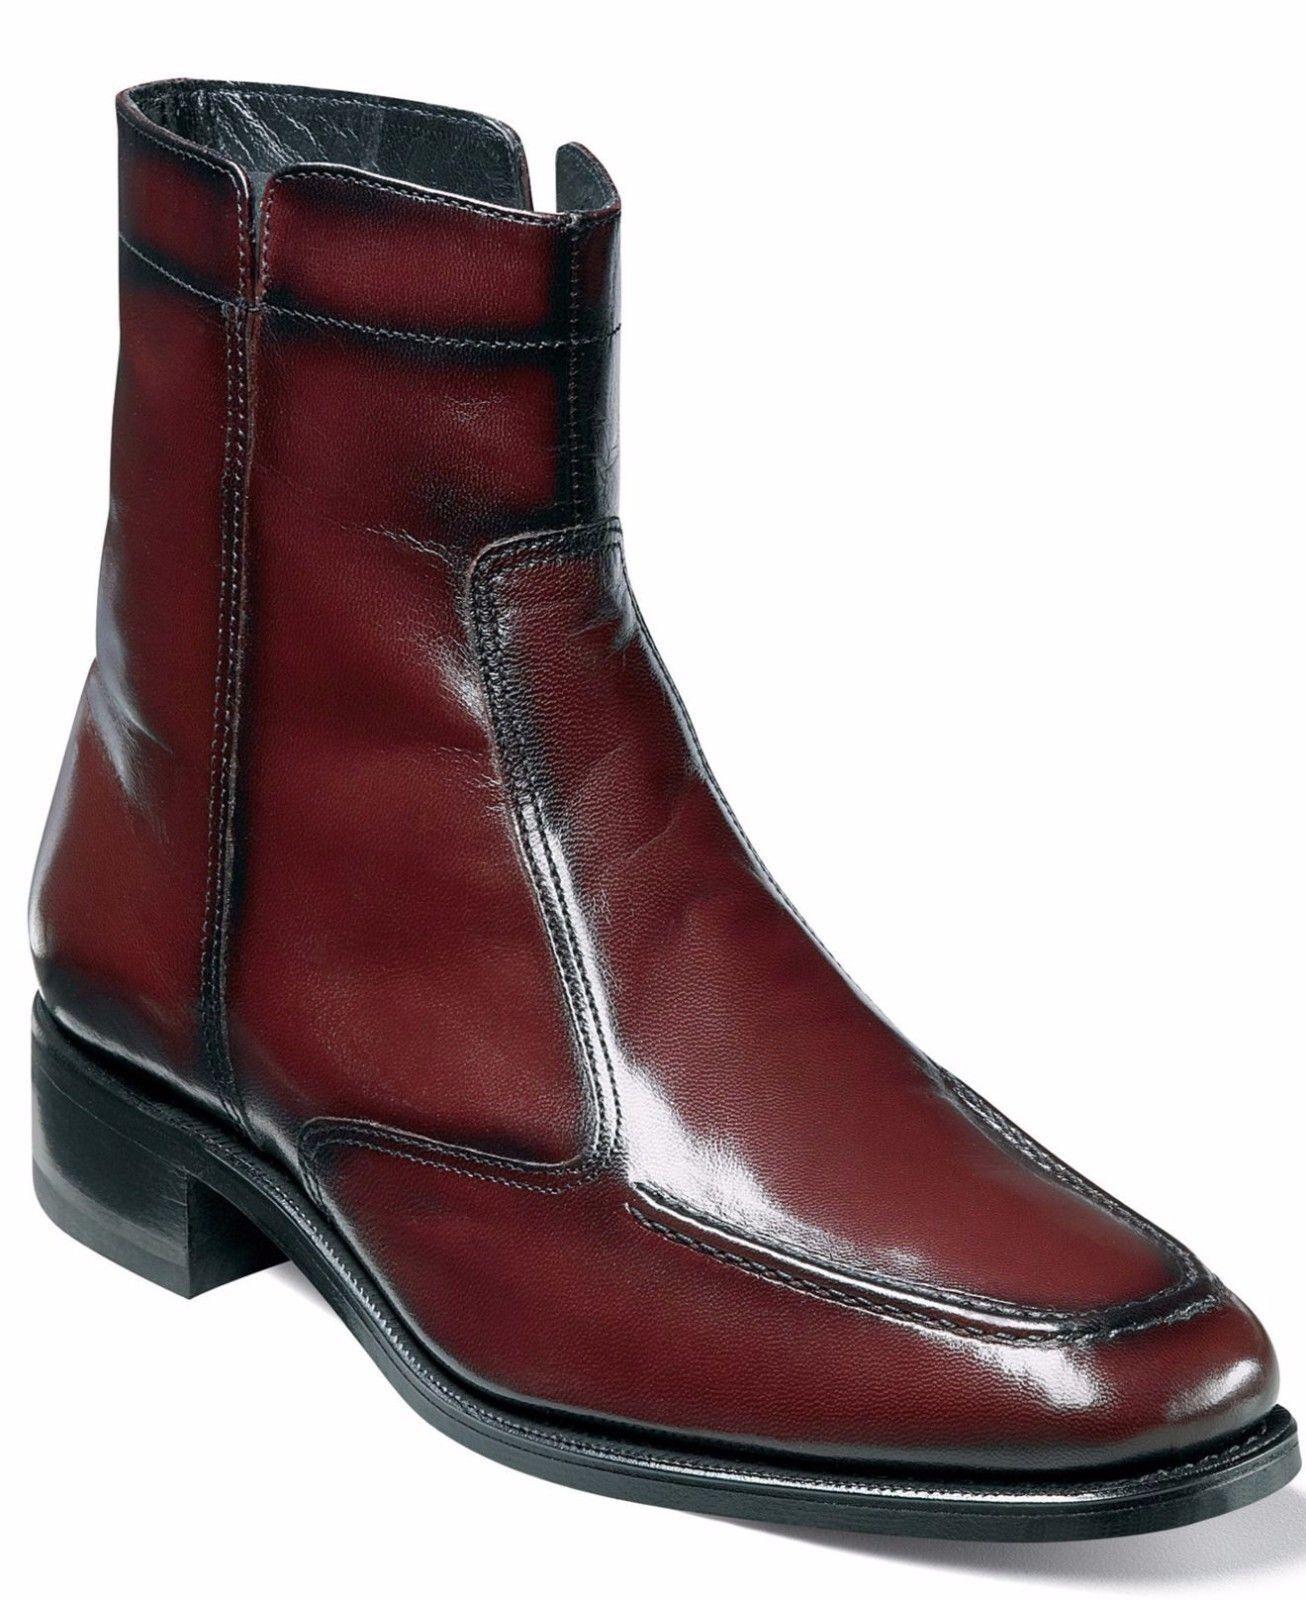 Florsheim para Hombre de Cuero Negro Cereza Essex Cremallera lateral Bota de tendencias de vestir Informal